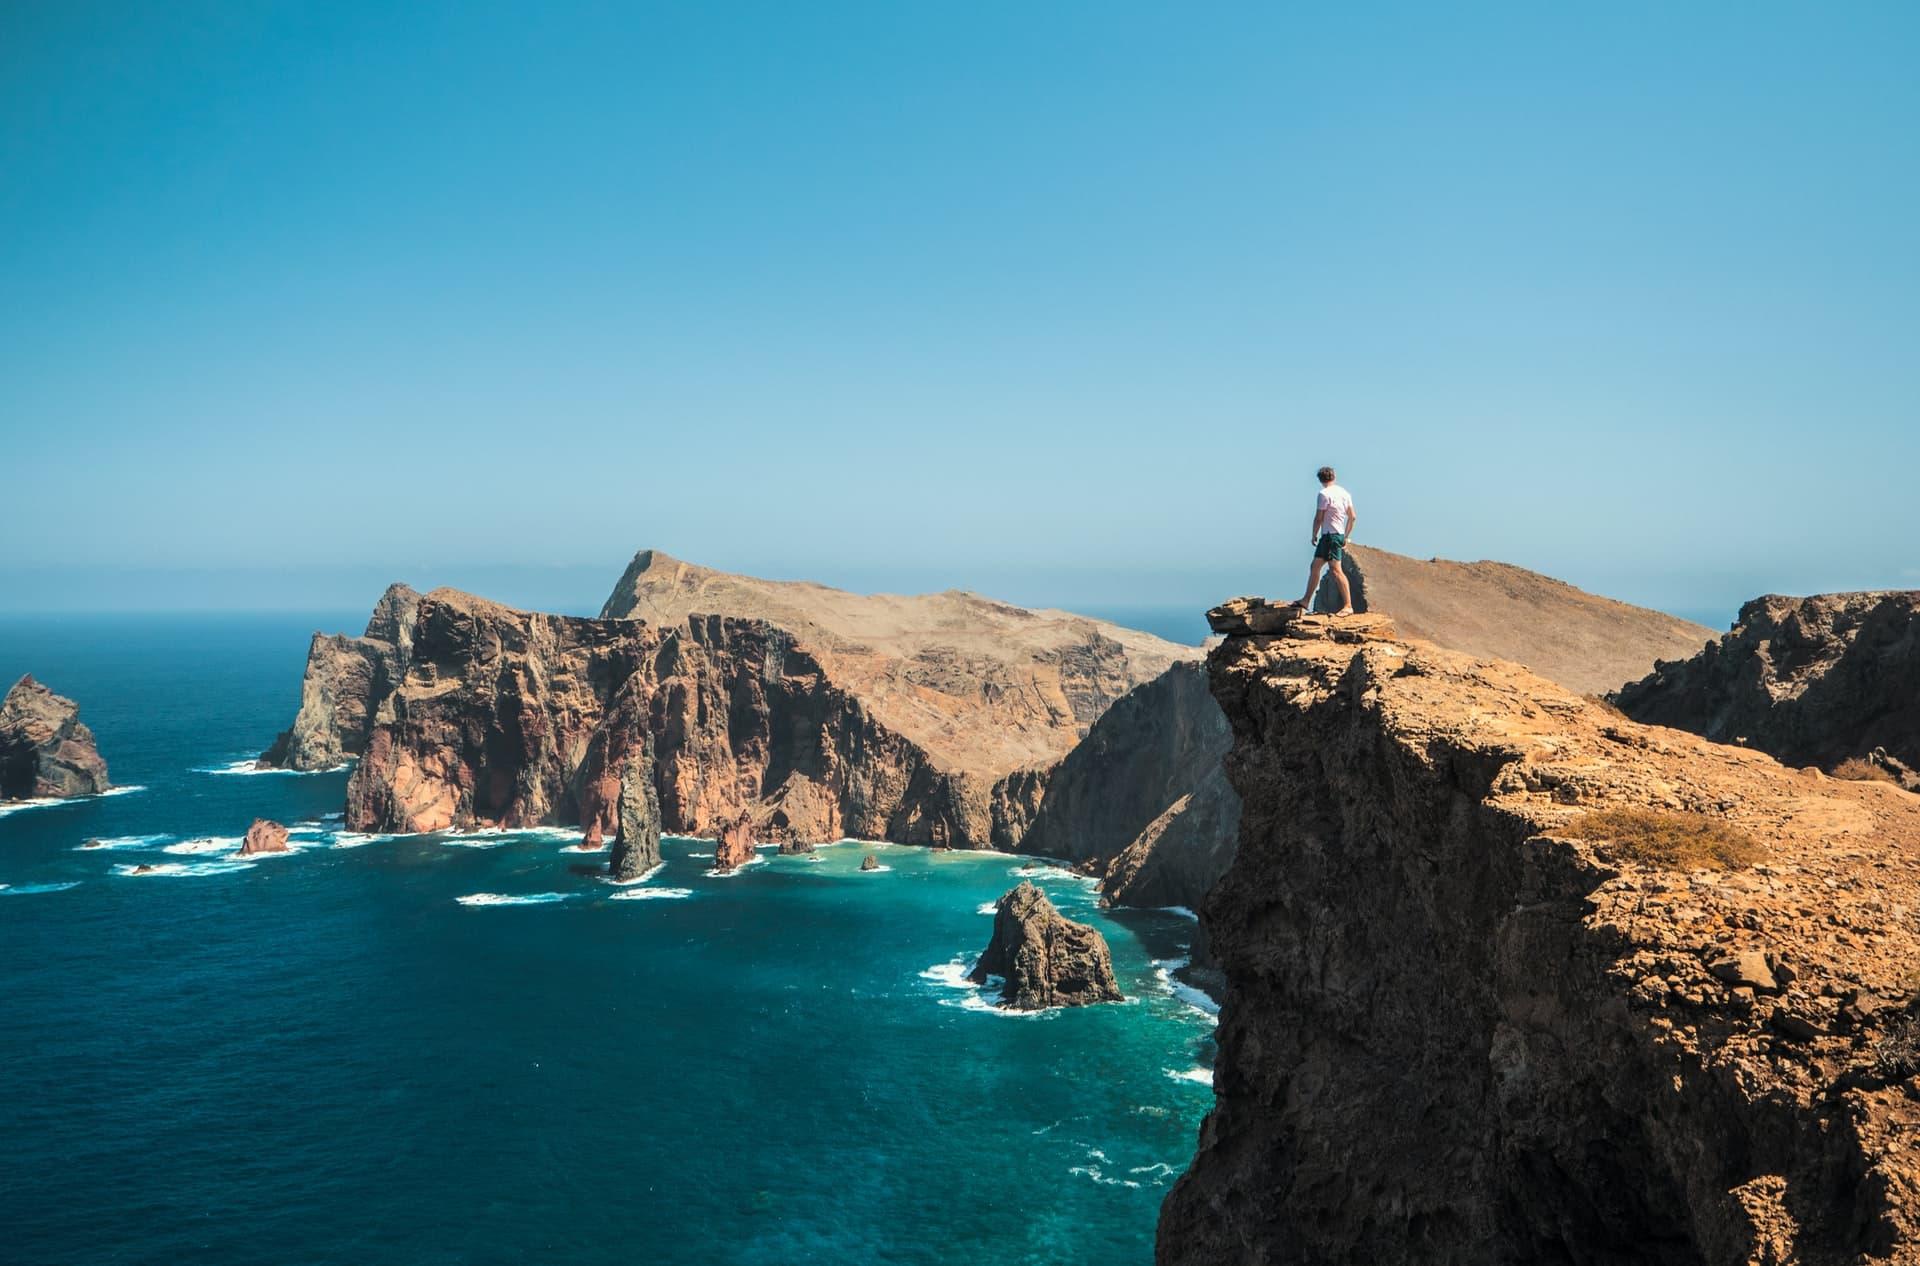 Незабравима почивка и екскурзия в Португалия